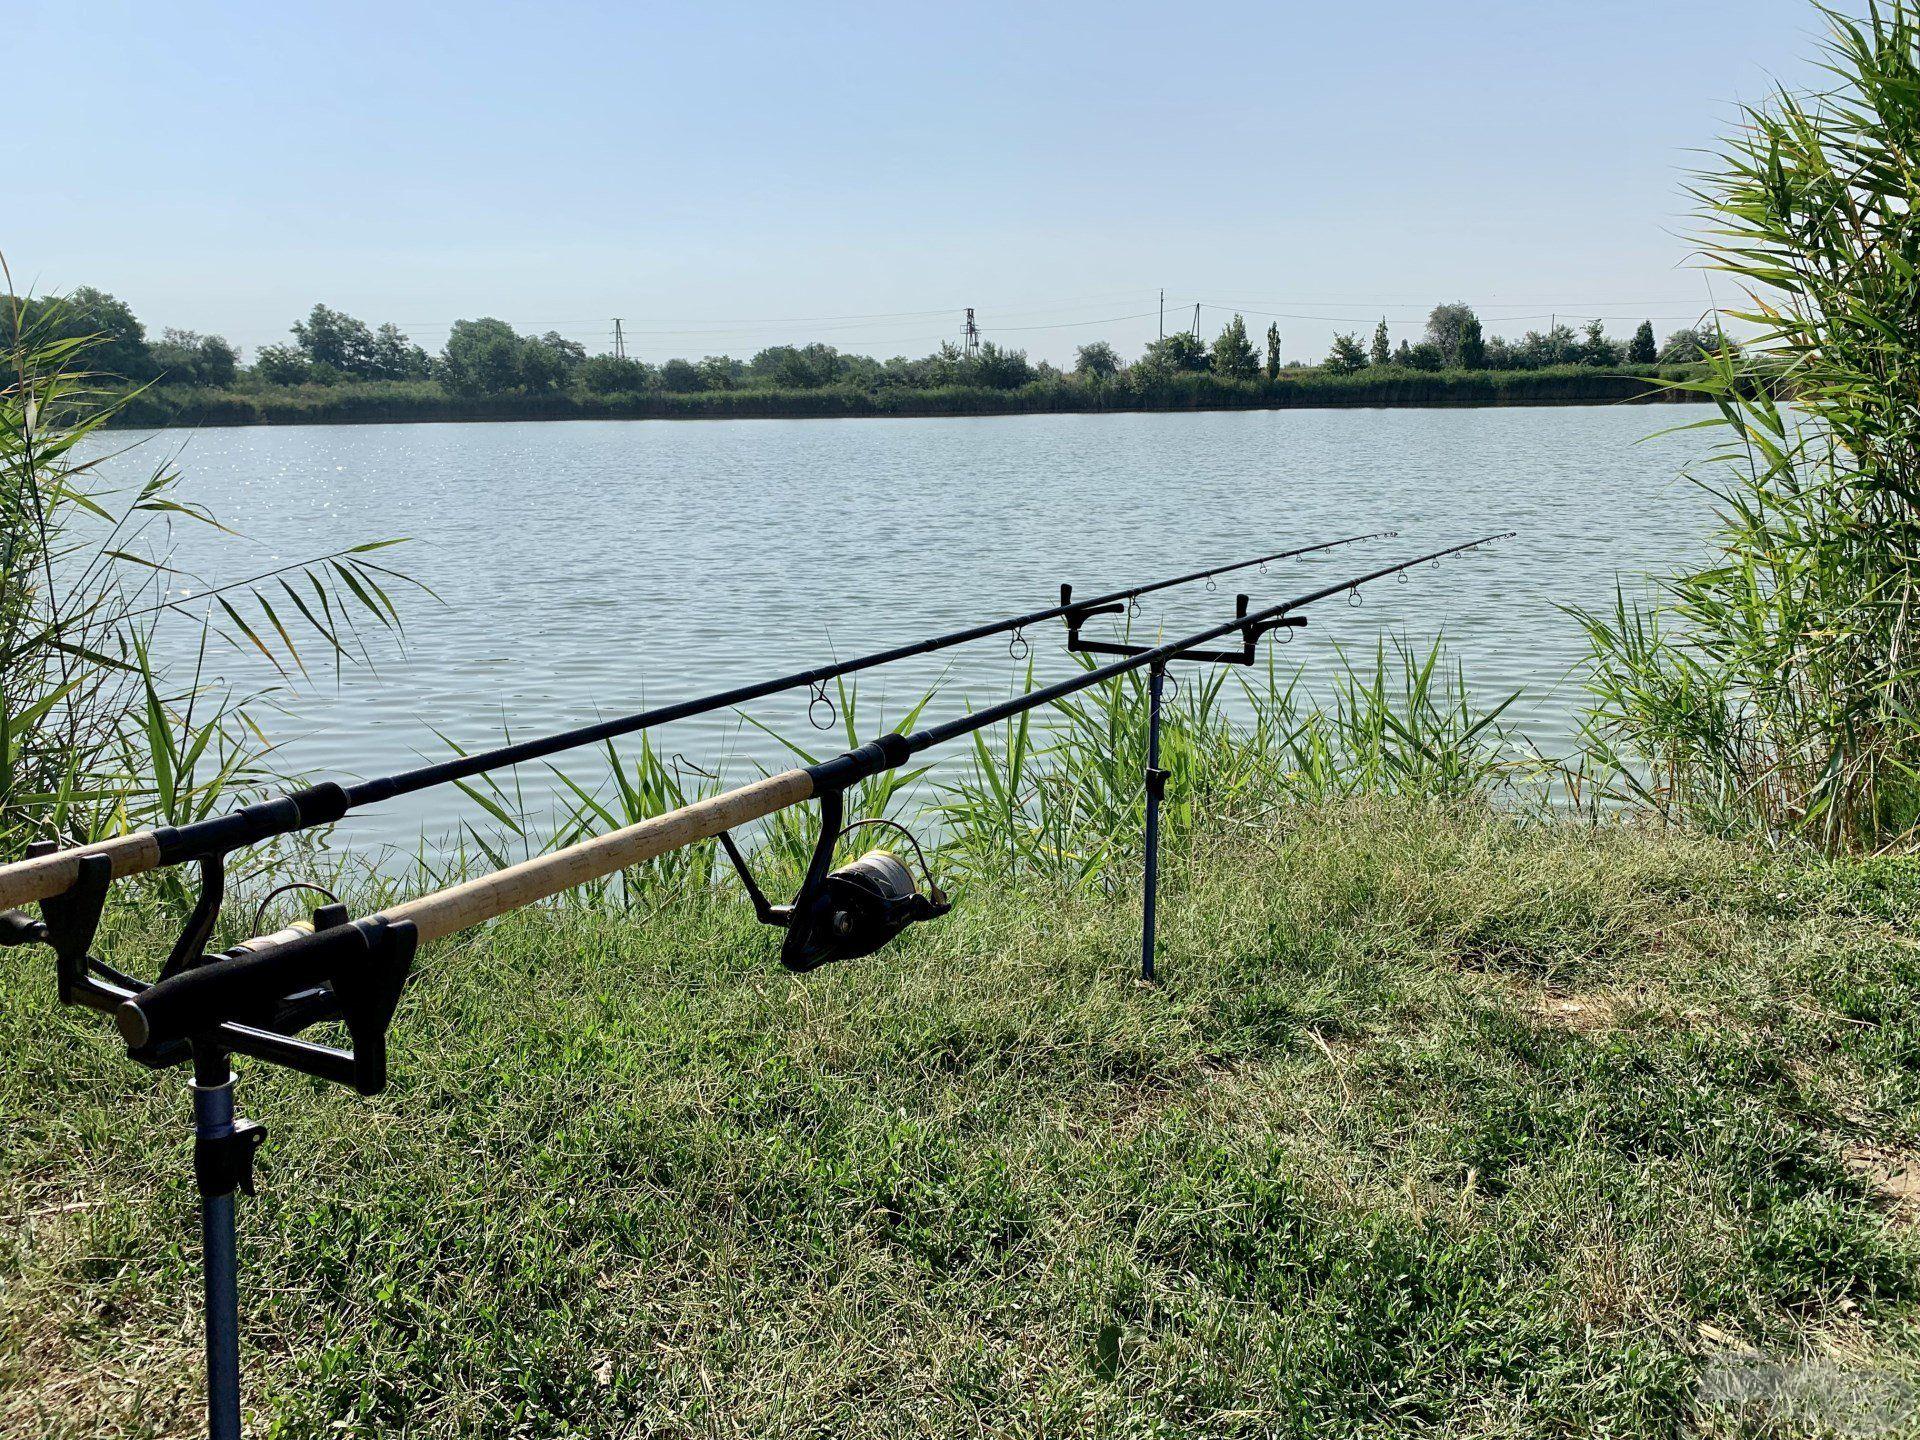 … és kezdődhet a horgászat a tökéletesen kialakított etetésen